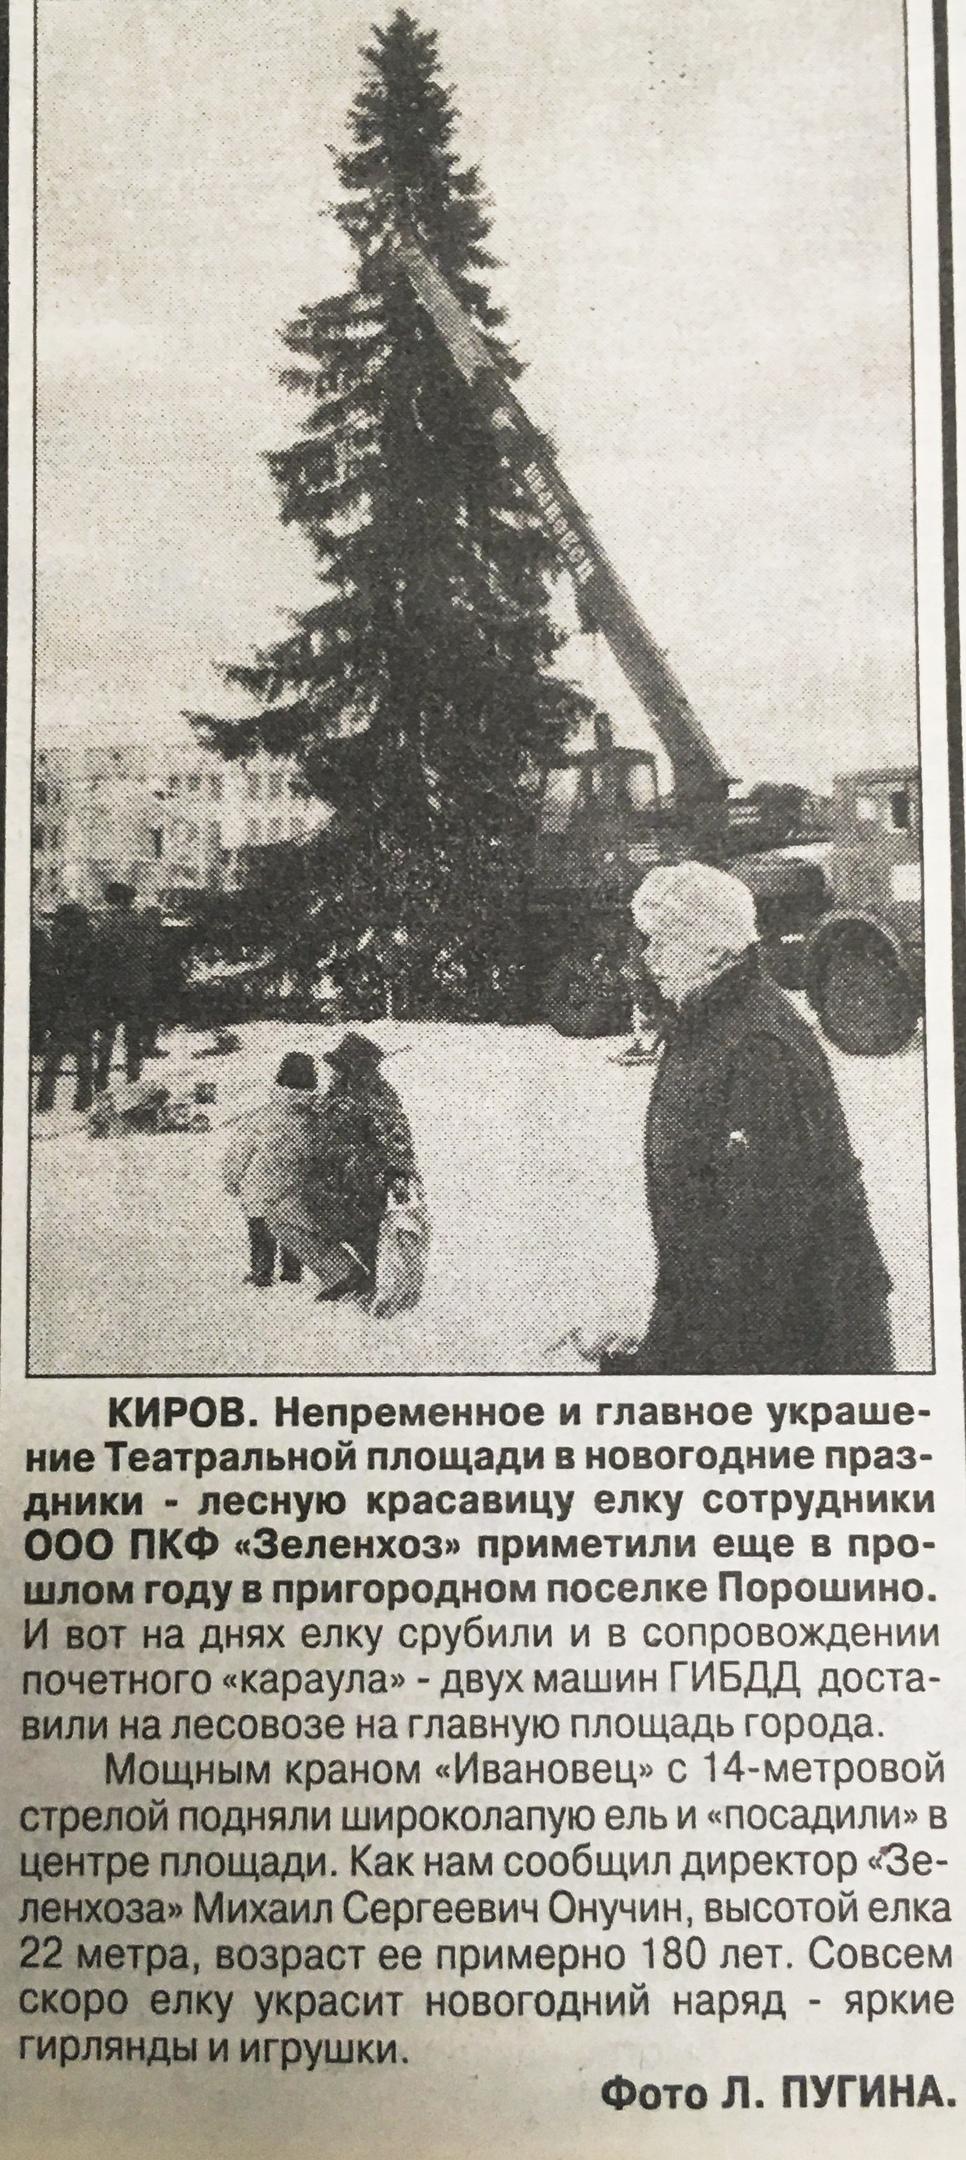 О чем писали кировские газеты двадцать лет назад? Конец декабря 1999 года., изображение №6